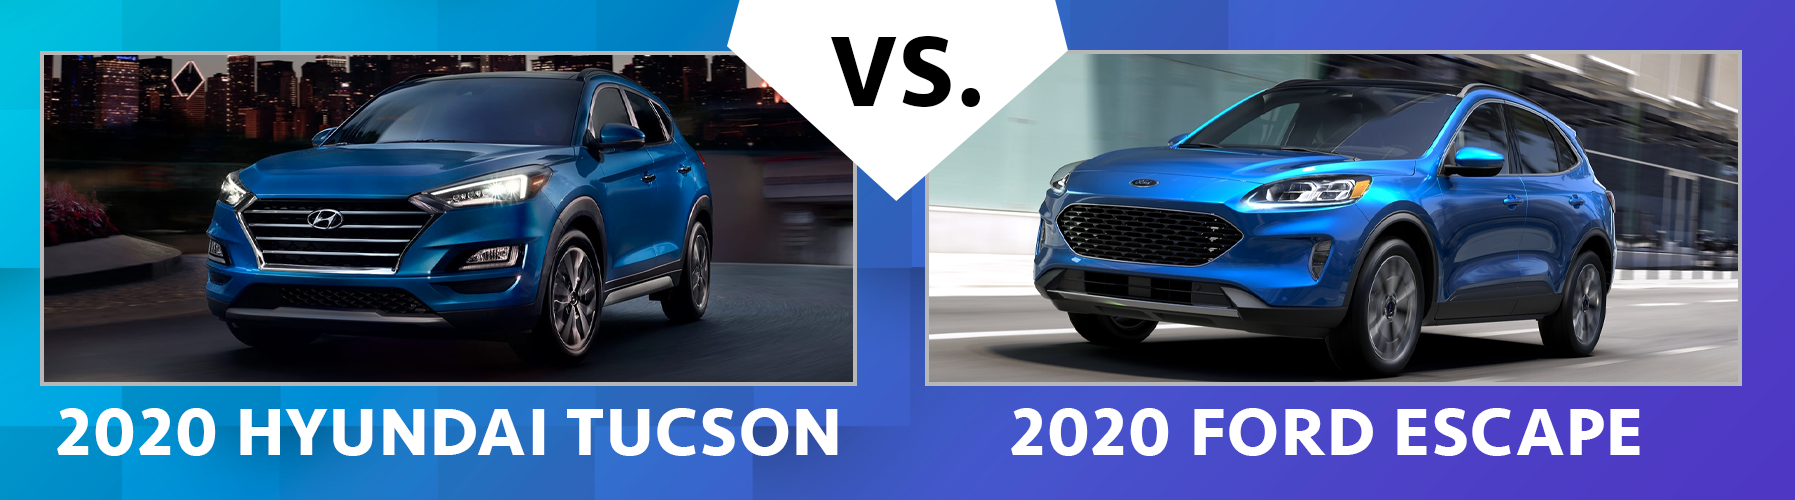 Contrast 2020 Hyundai Tucson vs 2020 Ford Escape